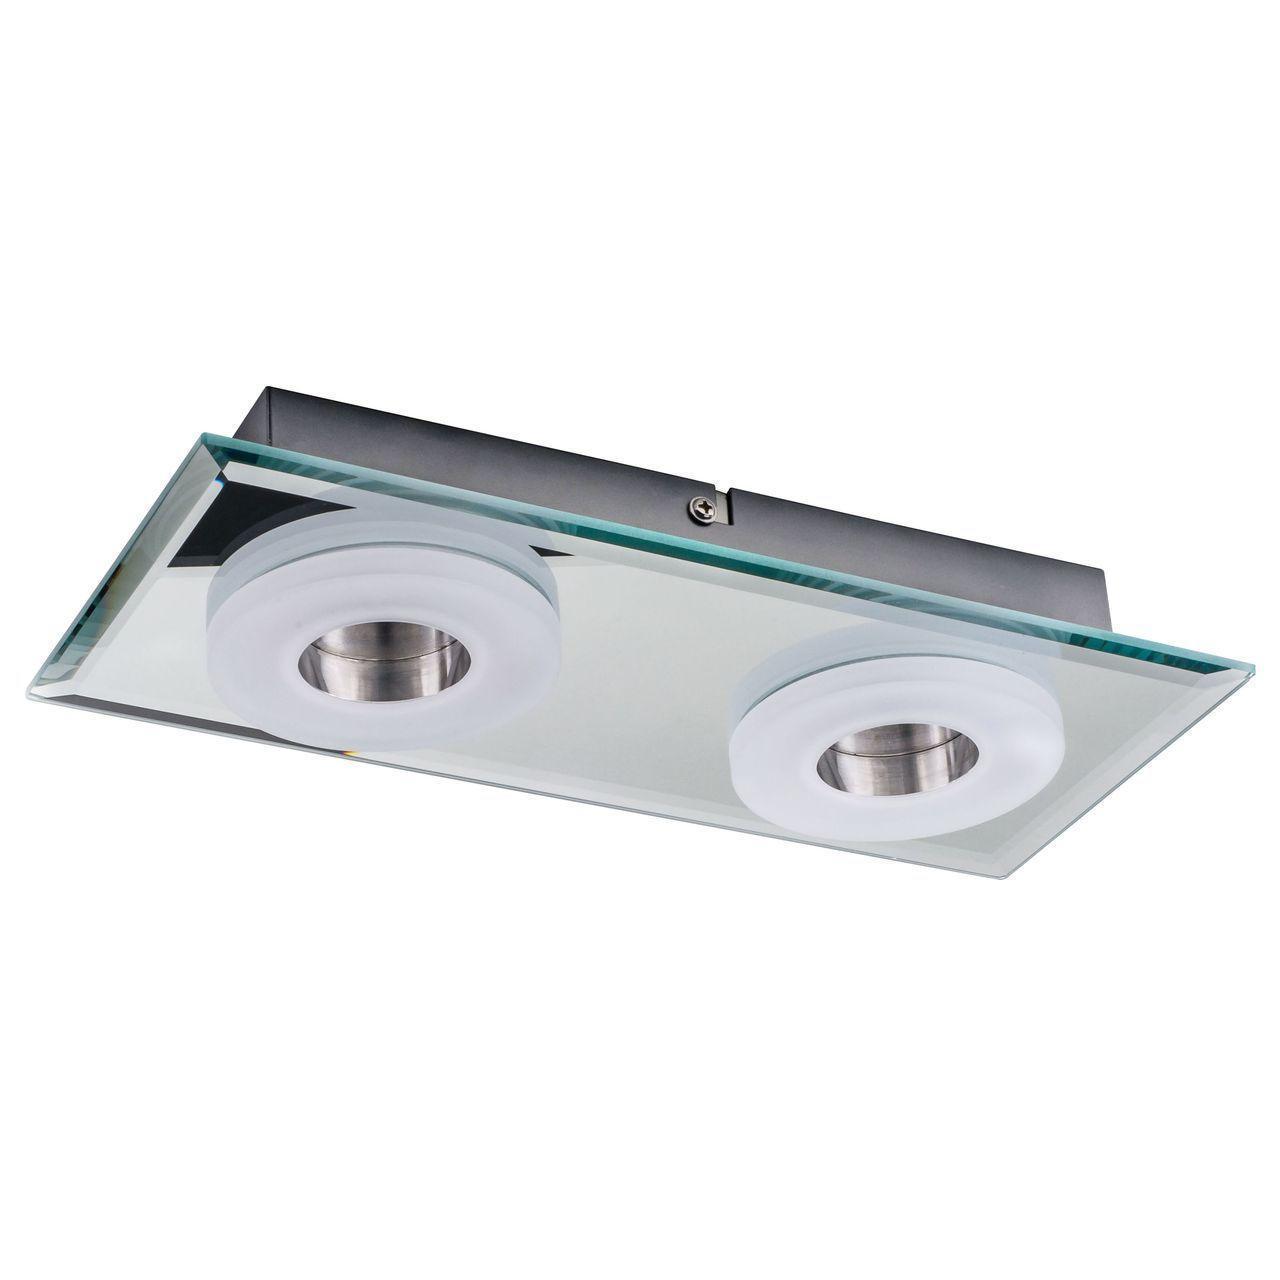 Фото - Потолочный светодиодный светильник Spot Light Vito 9030228 потолочный светодиодный светильник spot light 4723502